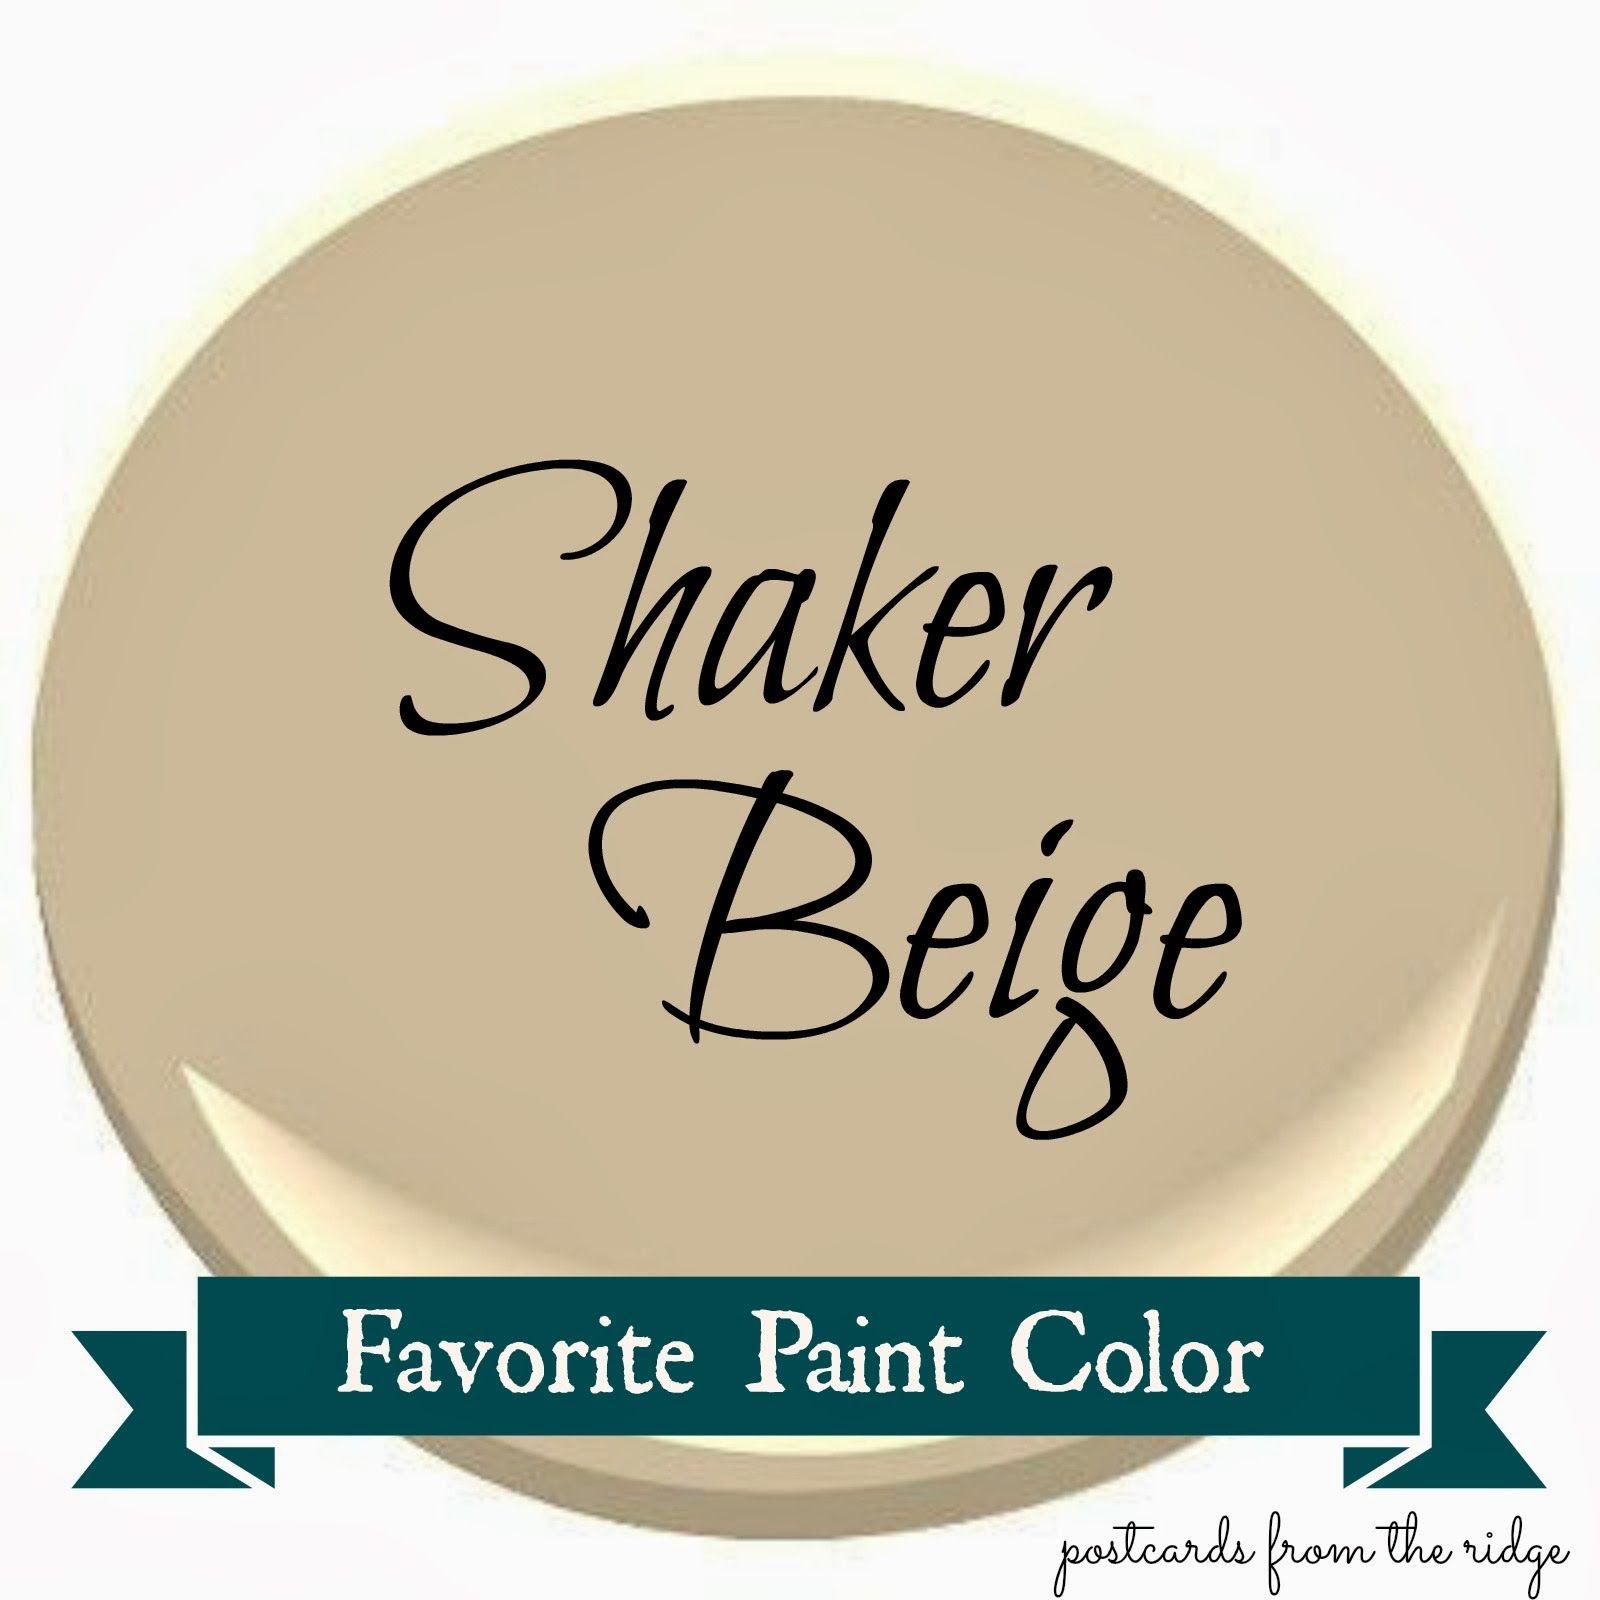 Benjamin moore shaker beige favorite paint color home updates